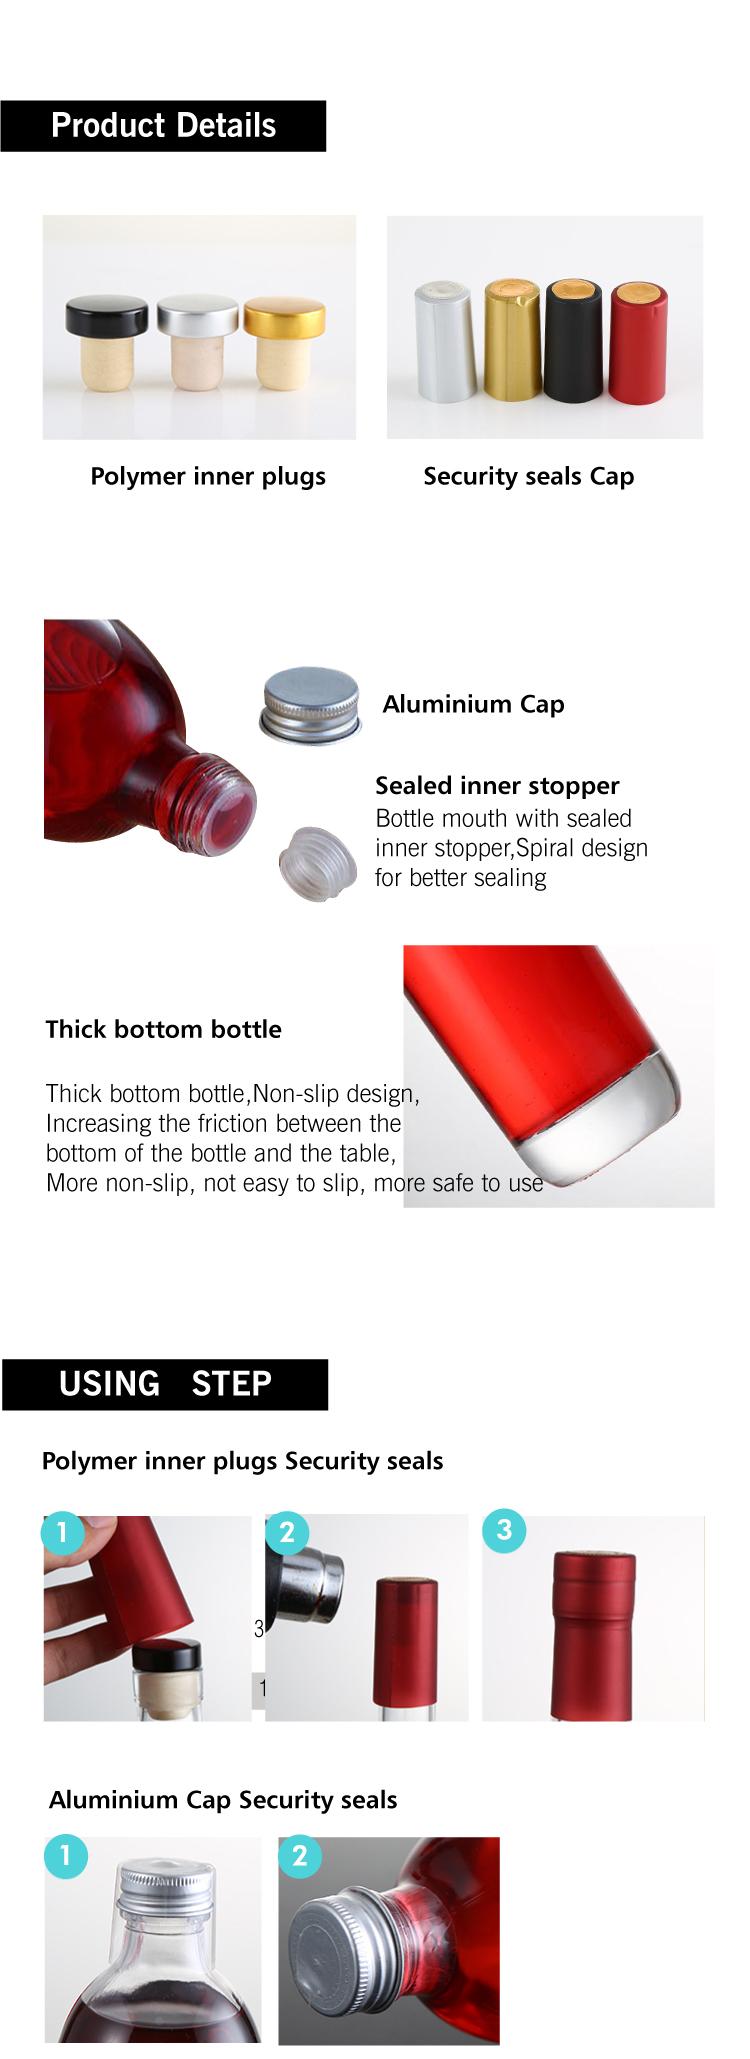 伏特加酒瓶细节展示2